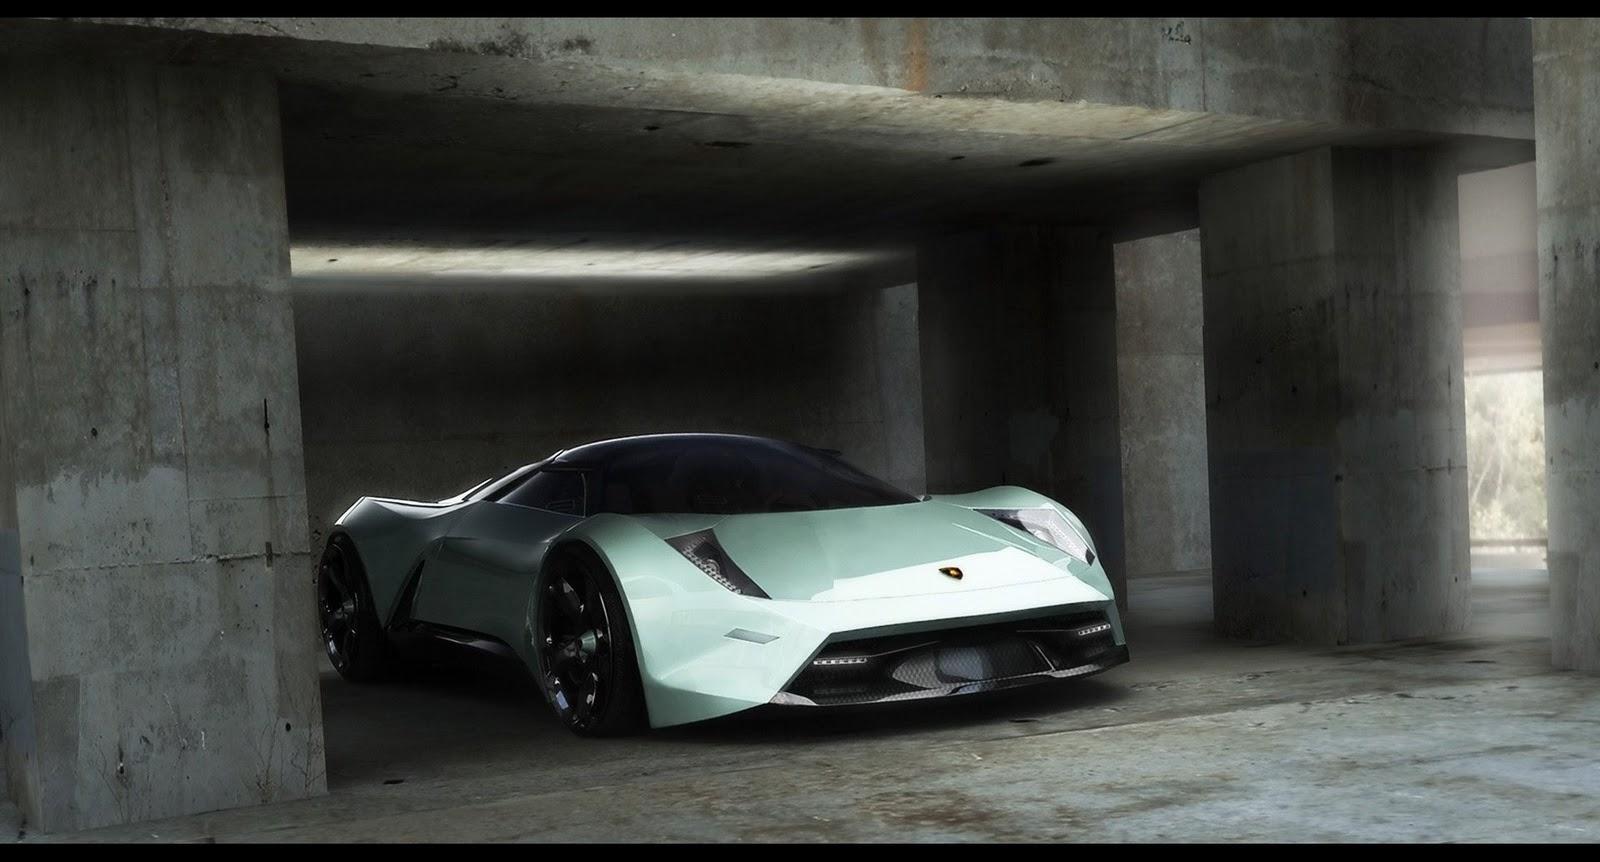 http://1.bp.blogspot.com/_sRGU_JXOz6E/TRsSvTulr-I/AAAAAAAAA3w/MVcBPAxXVxM/s1600/009-Lamborghini-Insecta-Concept-Garage-car-wallpapers-lamborghini-wallpapers-1920x1080.jpg